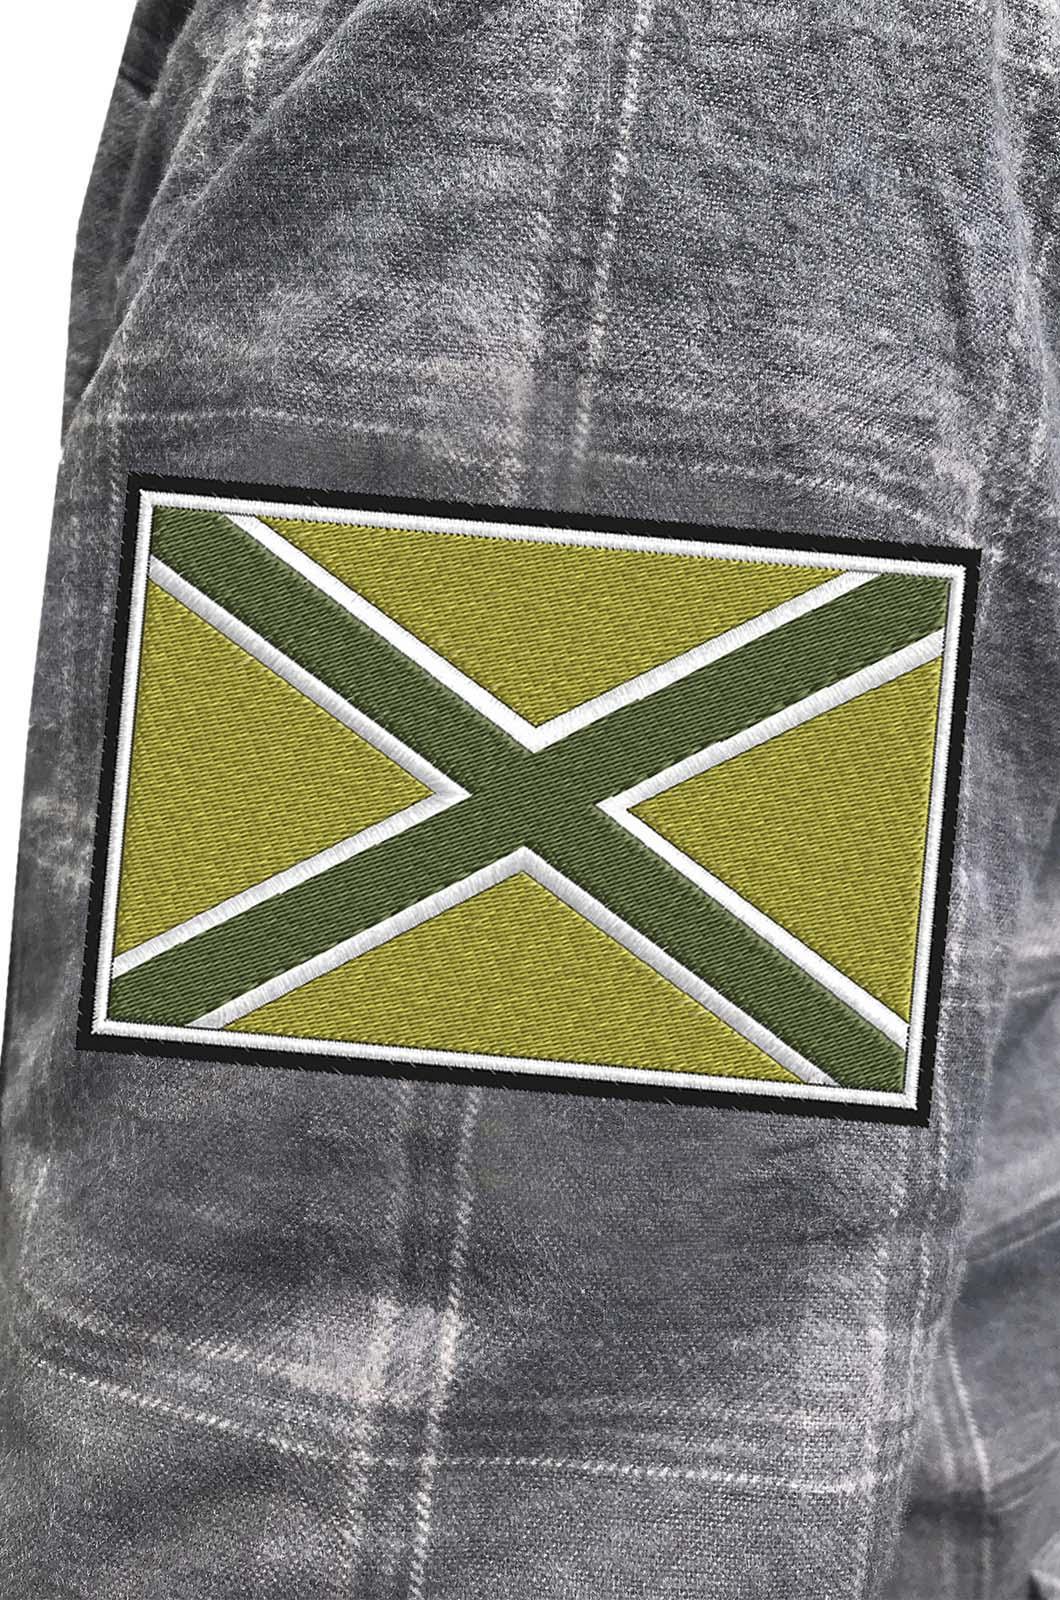 Стильная клетчатая рубашка с вышитым полевым шевроном Новороссия - купить с доставкой